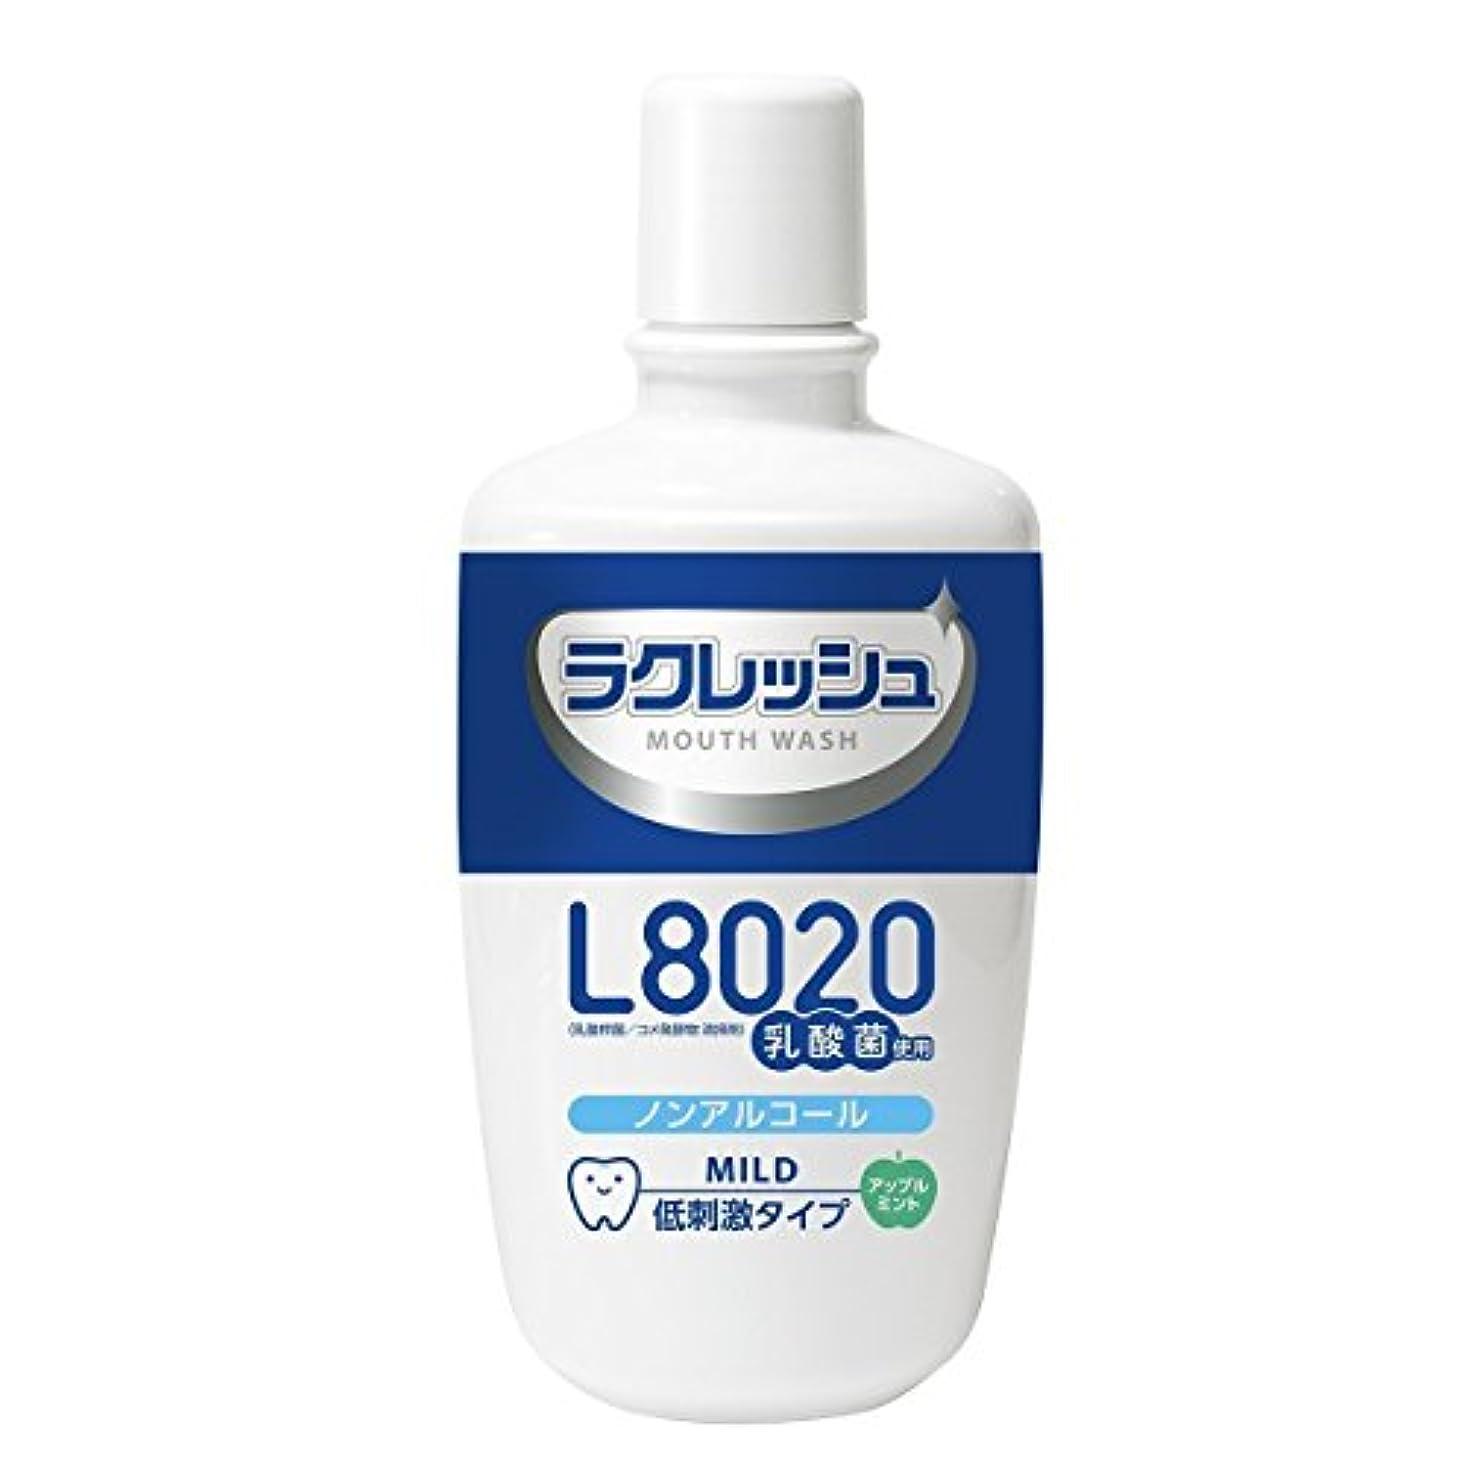 ラクレッシュ L8020菌 マウスウォッシュ 12本セット